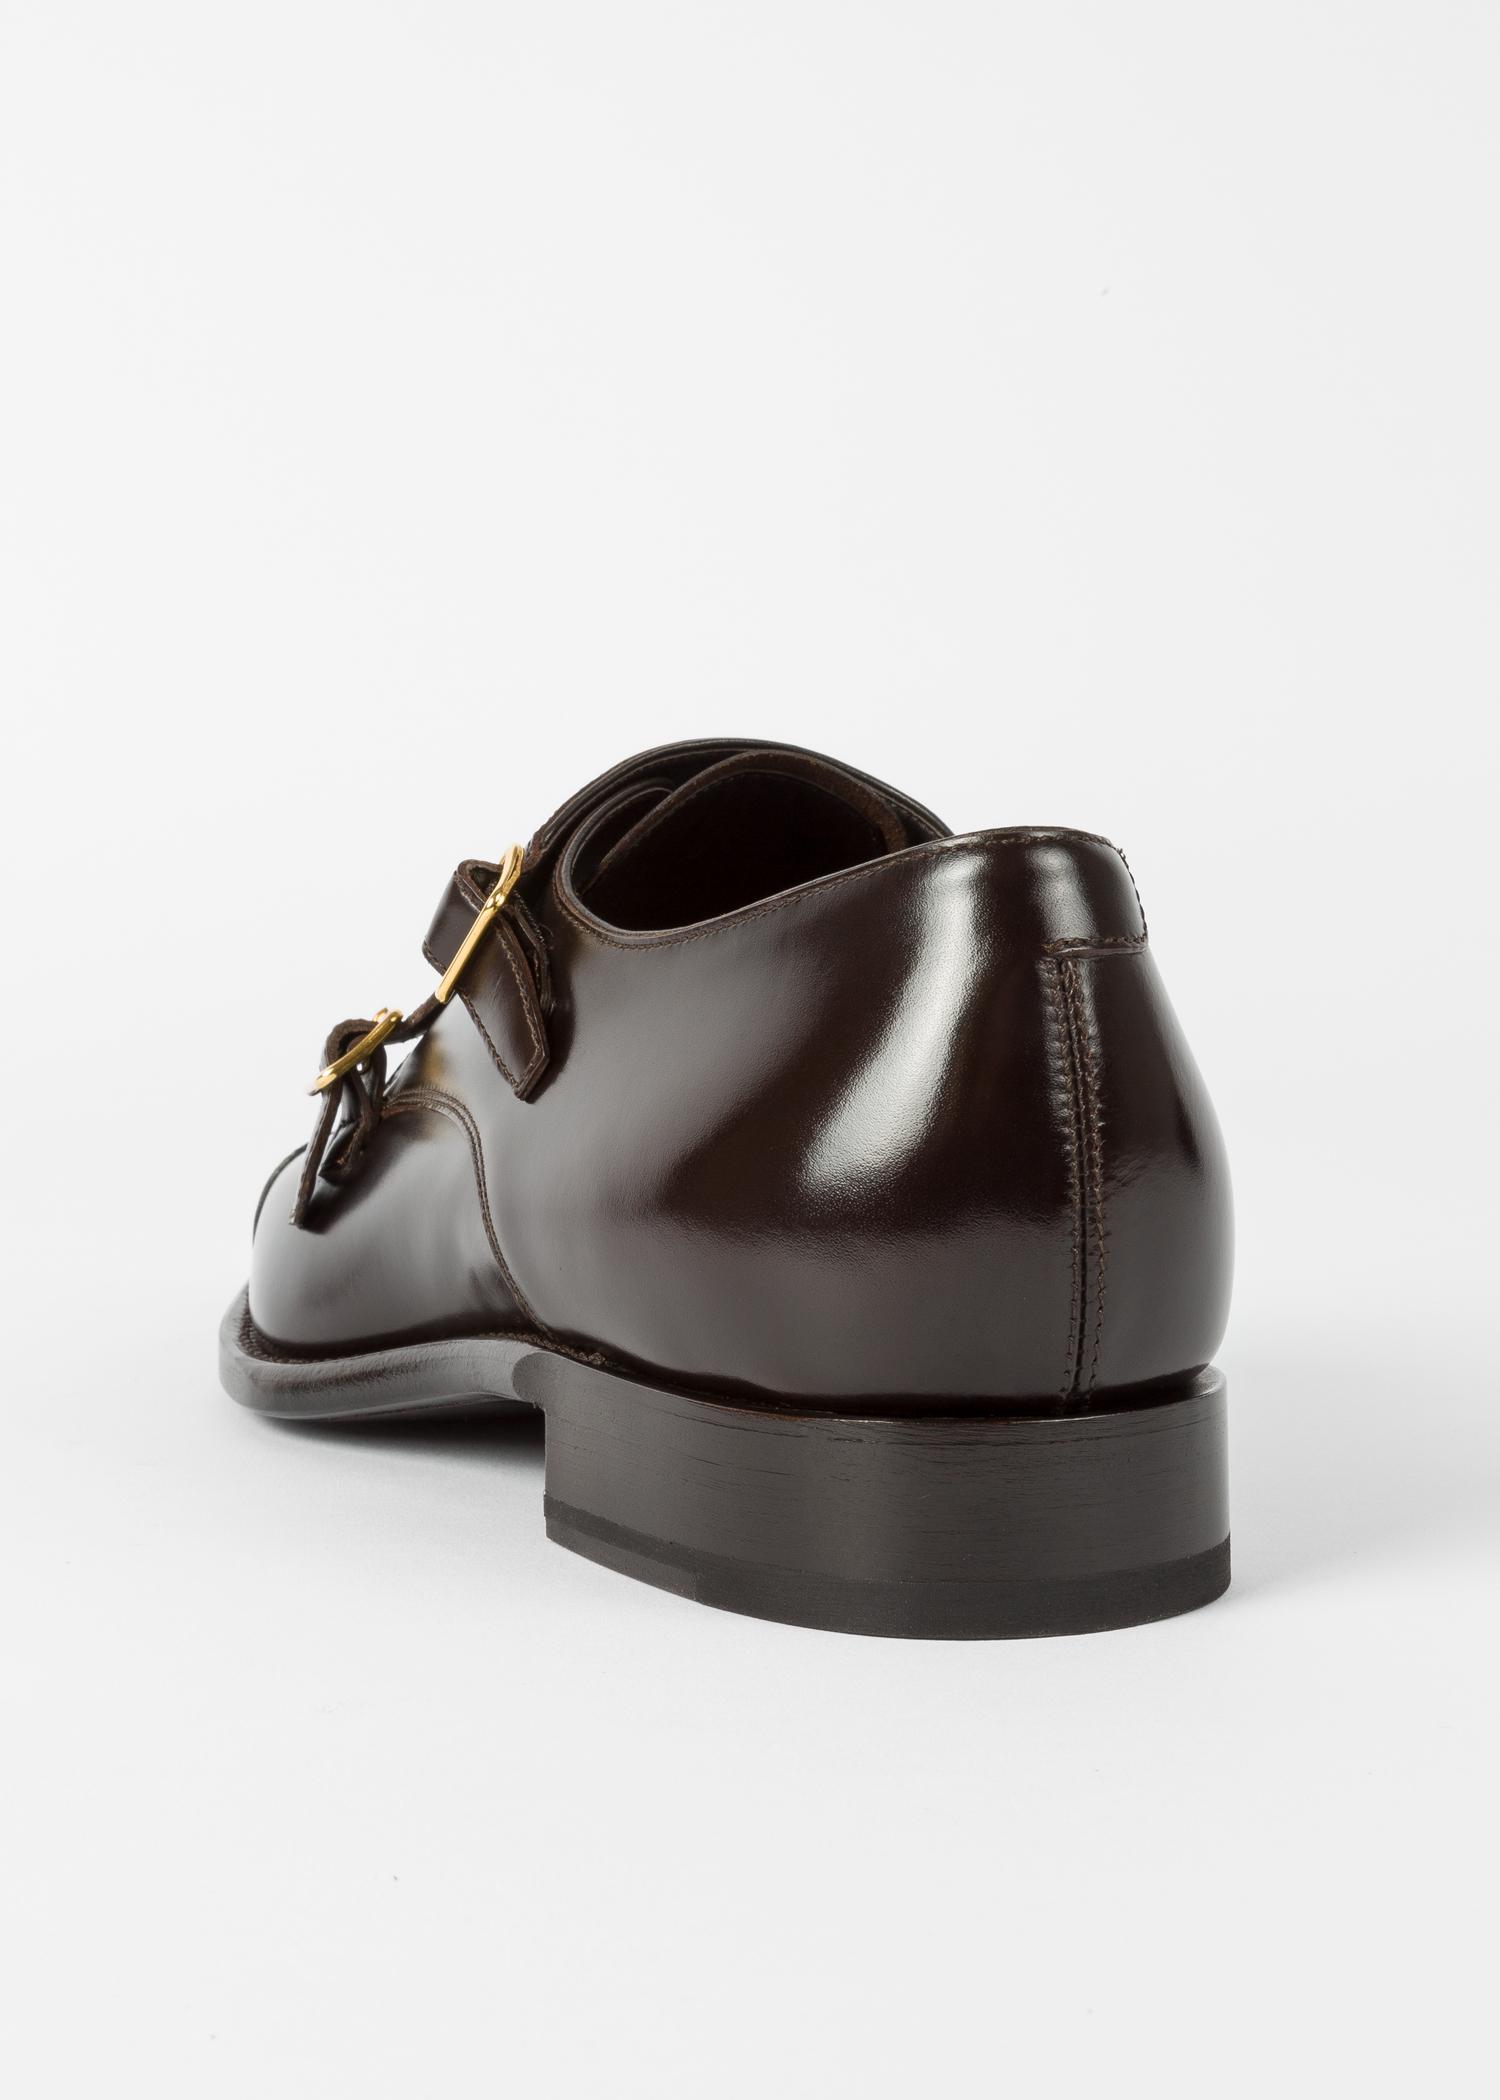 Chaussures Homme  Albemarle  Double Boucle Marron Foncé En Cuir De Veau  Paul Smith 0a2e298d2c1